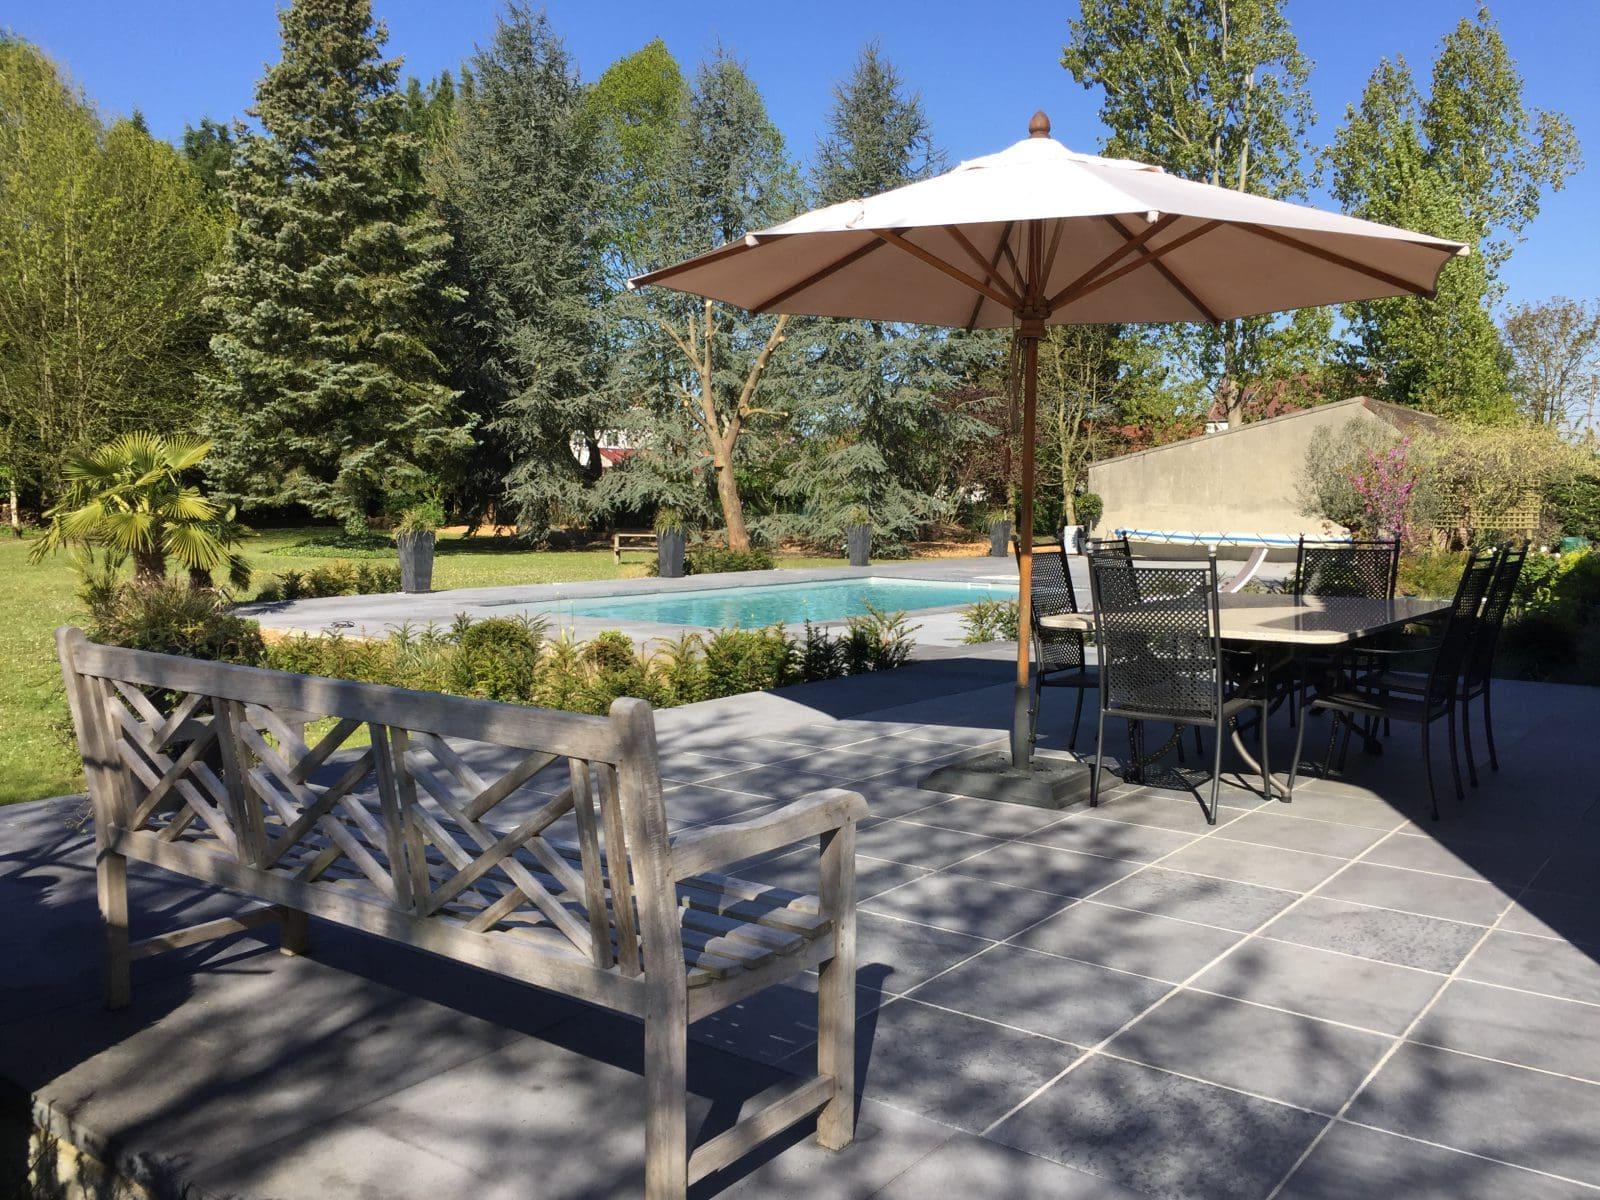 terrasses et abords de piscine en pierre bleue et dalles xxl